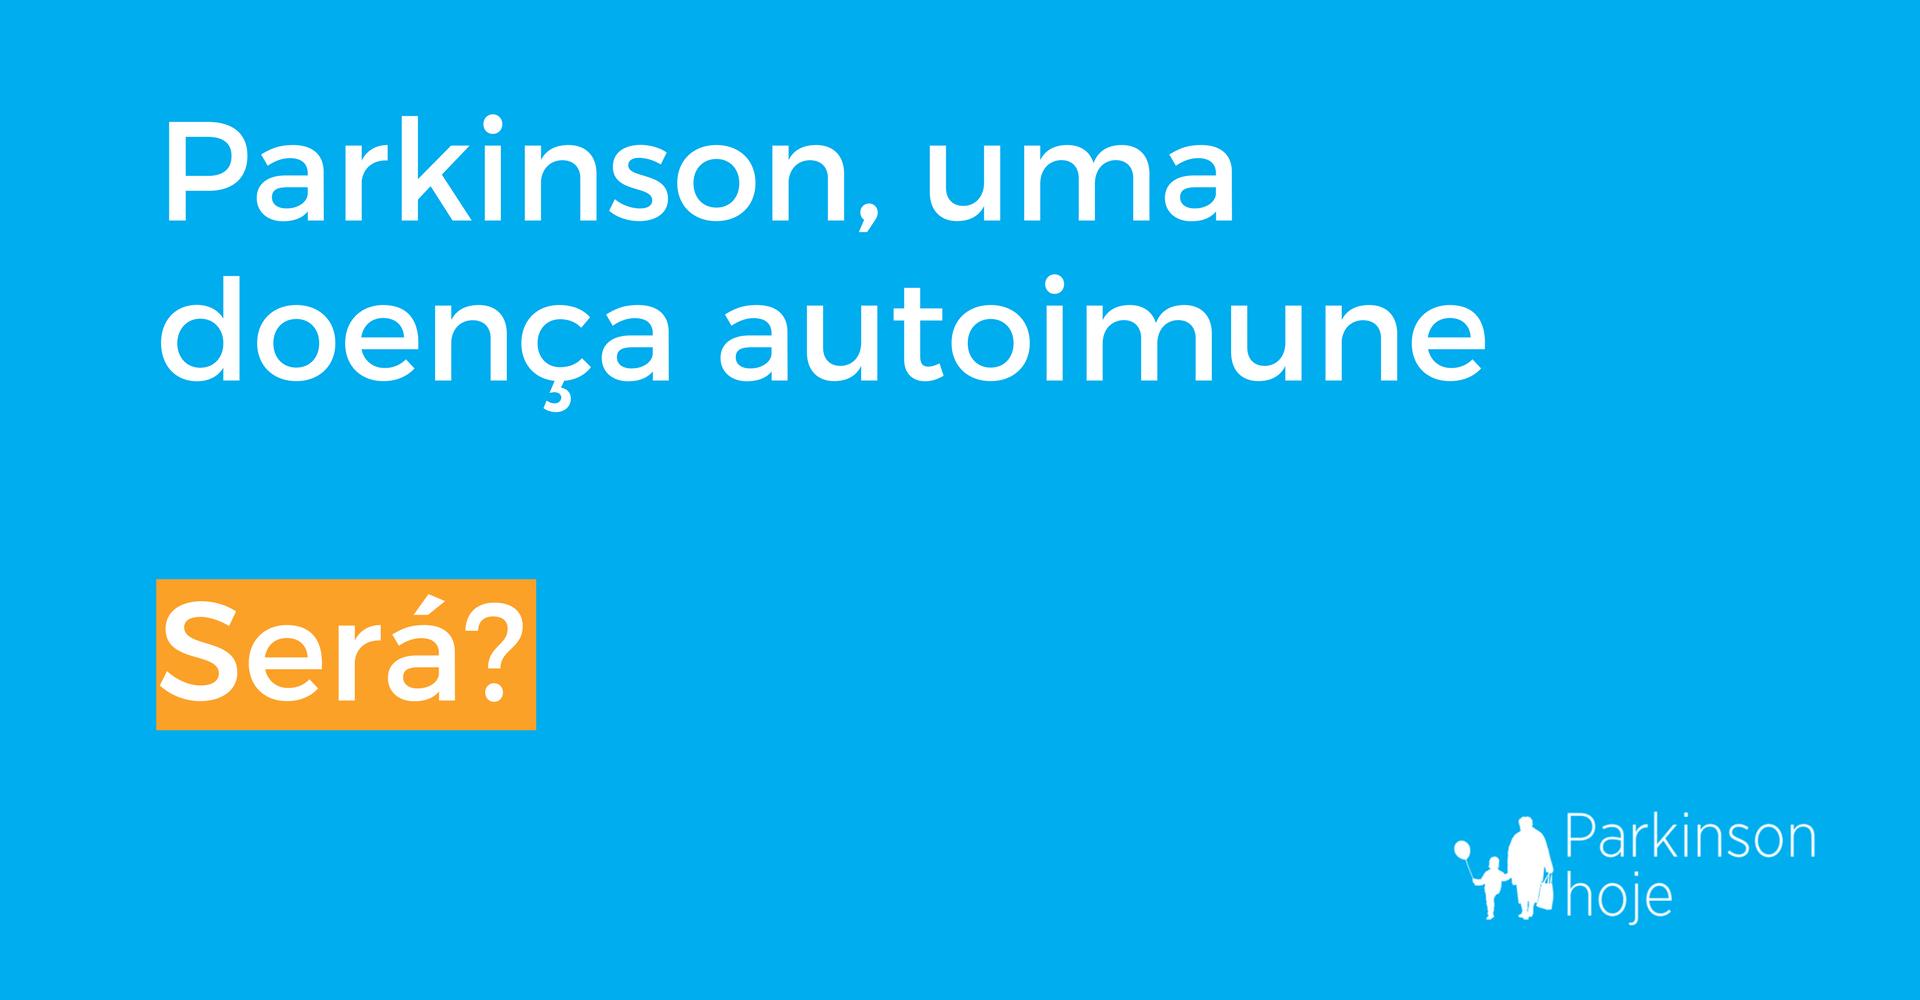 Parkinson pode ser uma doença autoimune